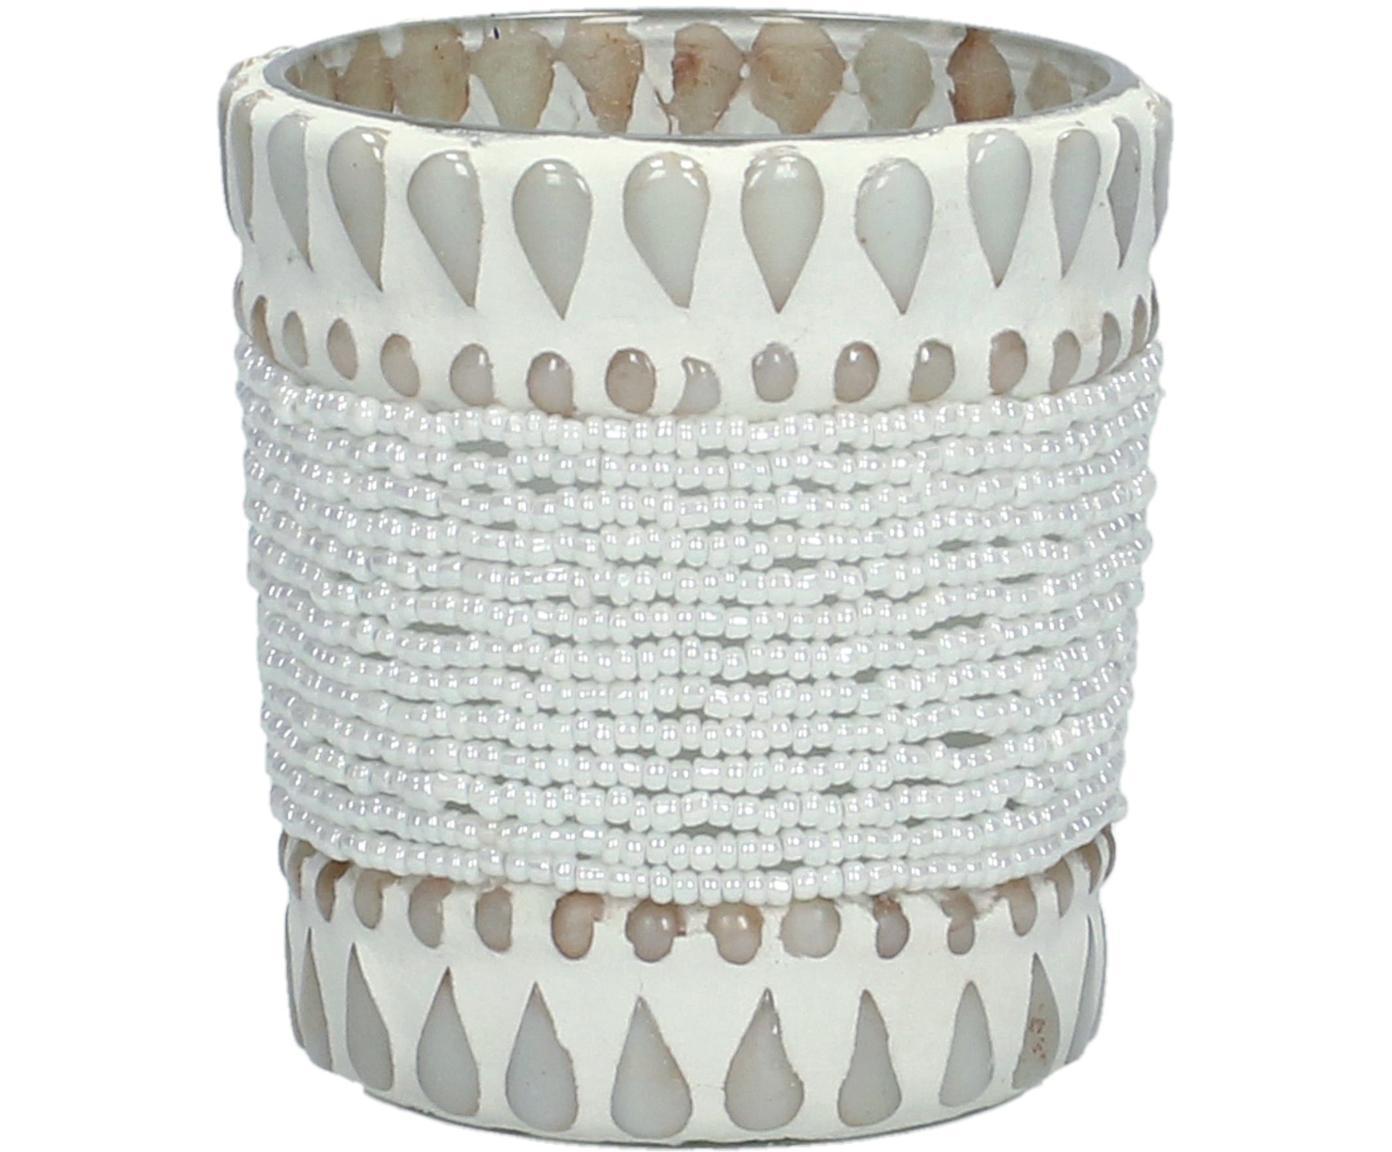 Waxinelichthouder Ive, Glas, bedekt met kralen en stenen, Beige, Ø 7 x H 8 cm